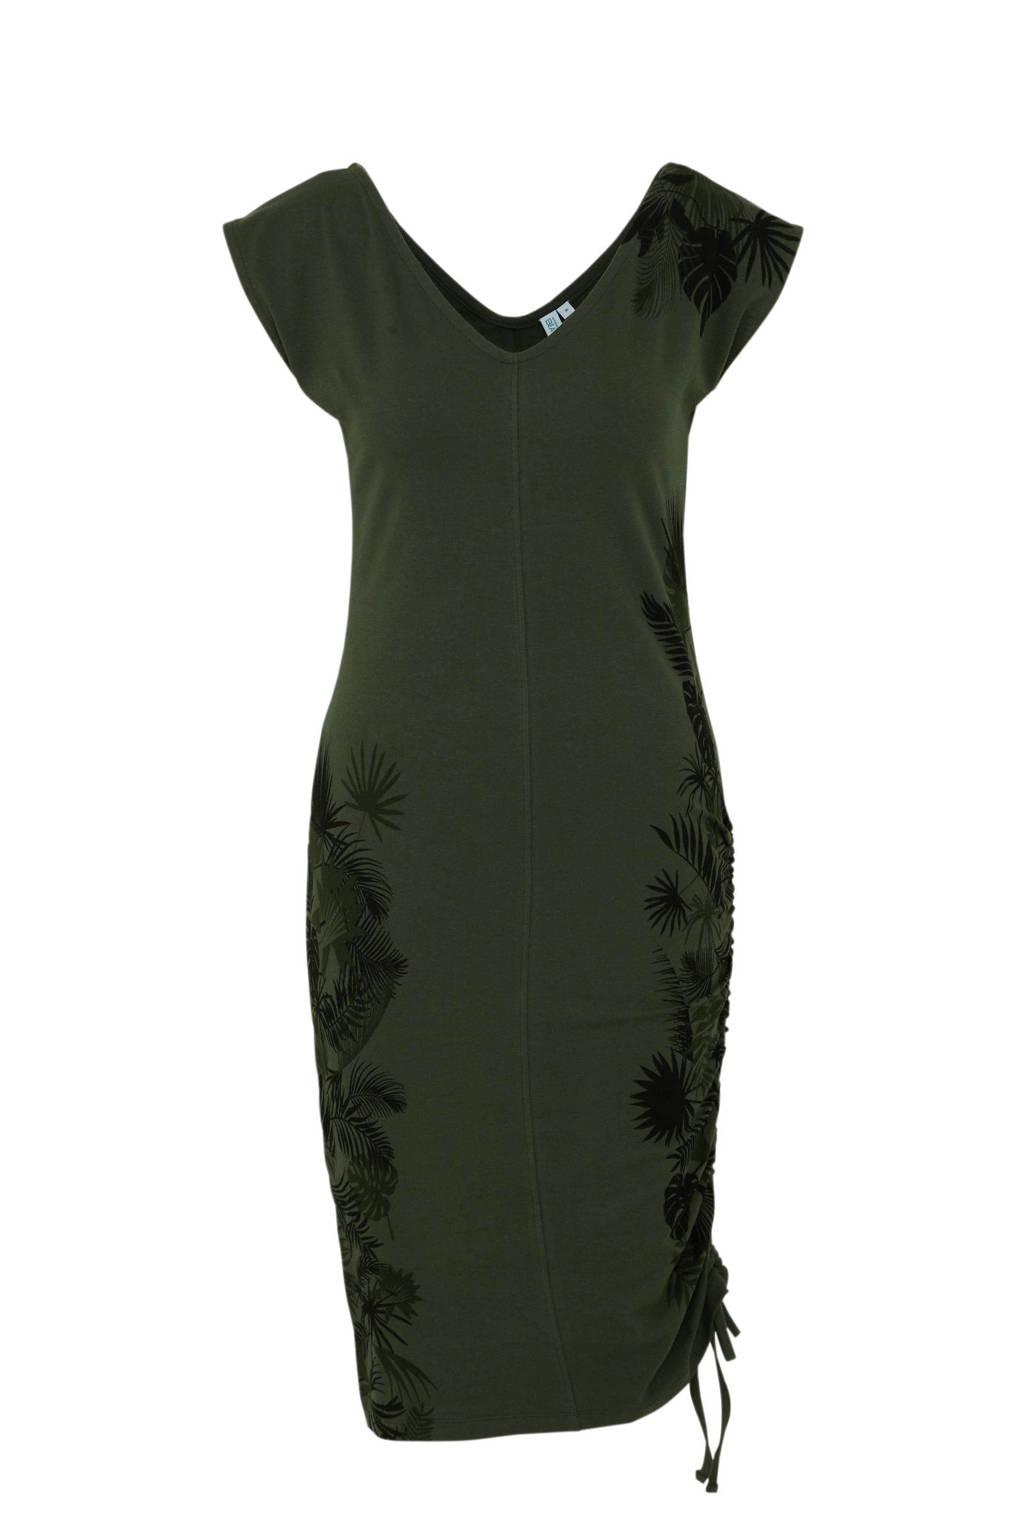 whkmp's beachwave jersey jurk met bladprint donkergroen, Donkergroen